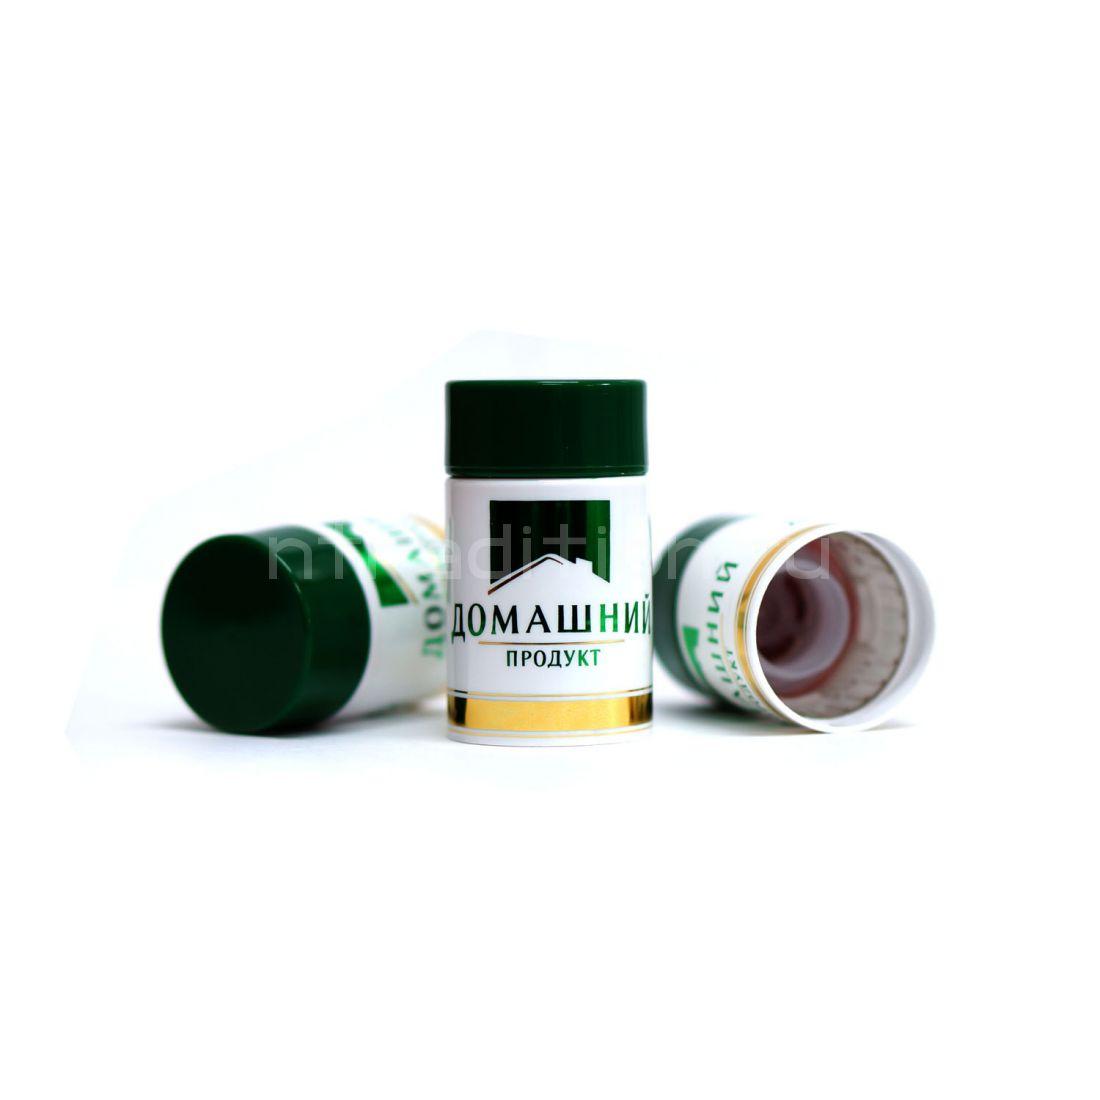 Колпачок с дозатором Домашний продукт зеленый (Гуала 58 мм) / 10 шт